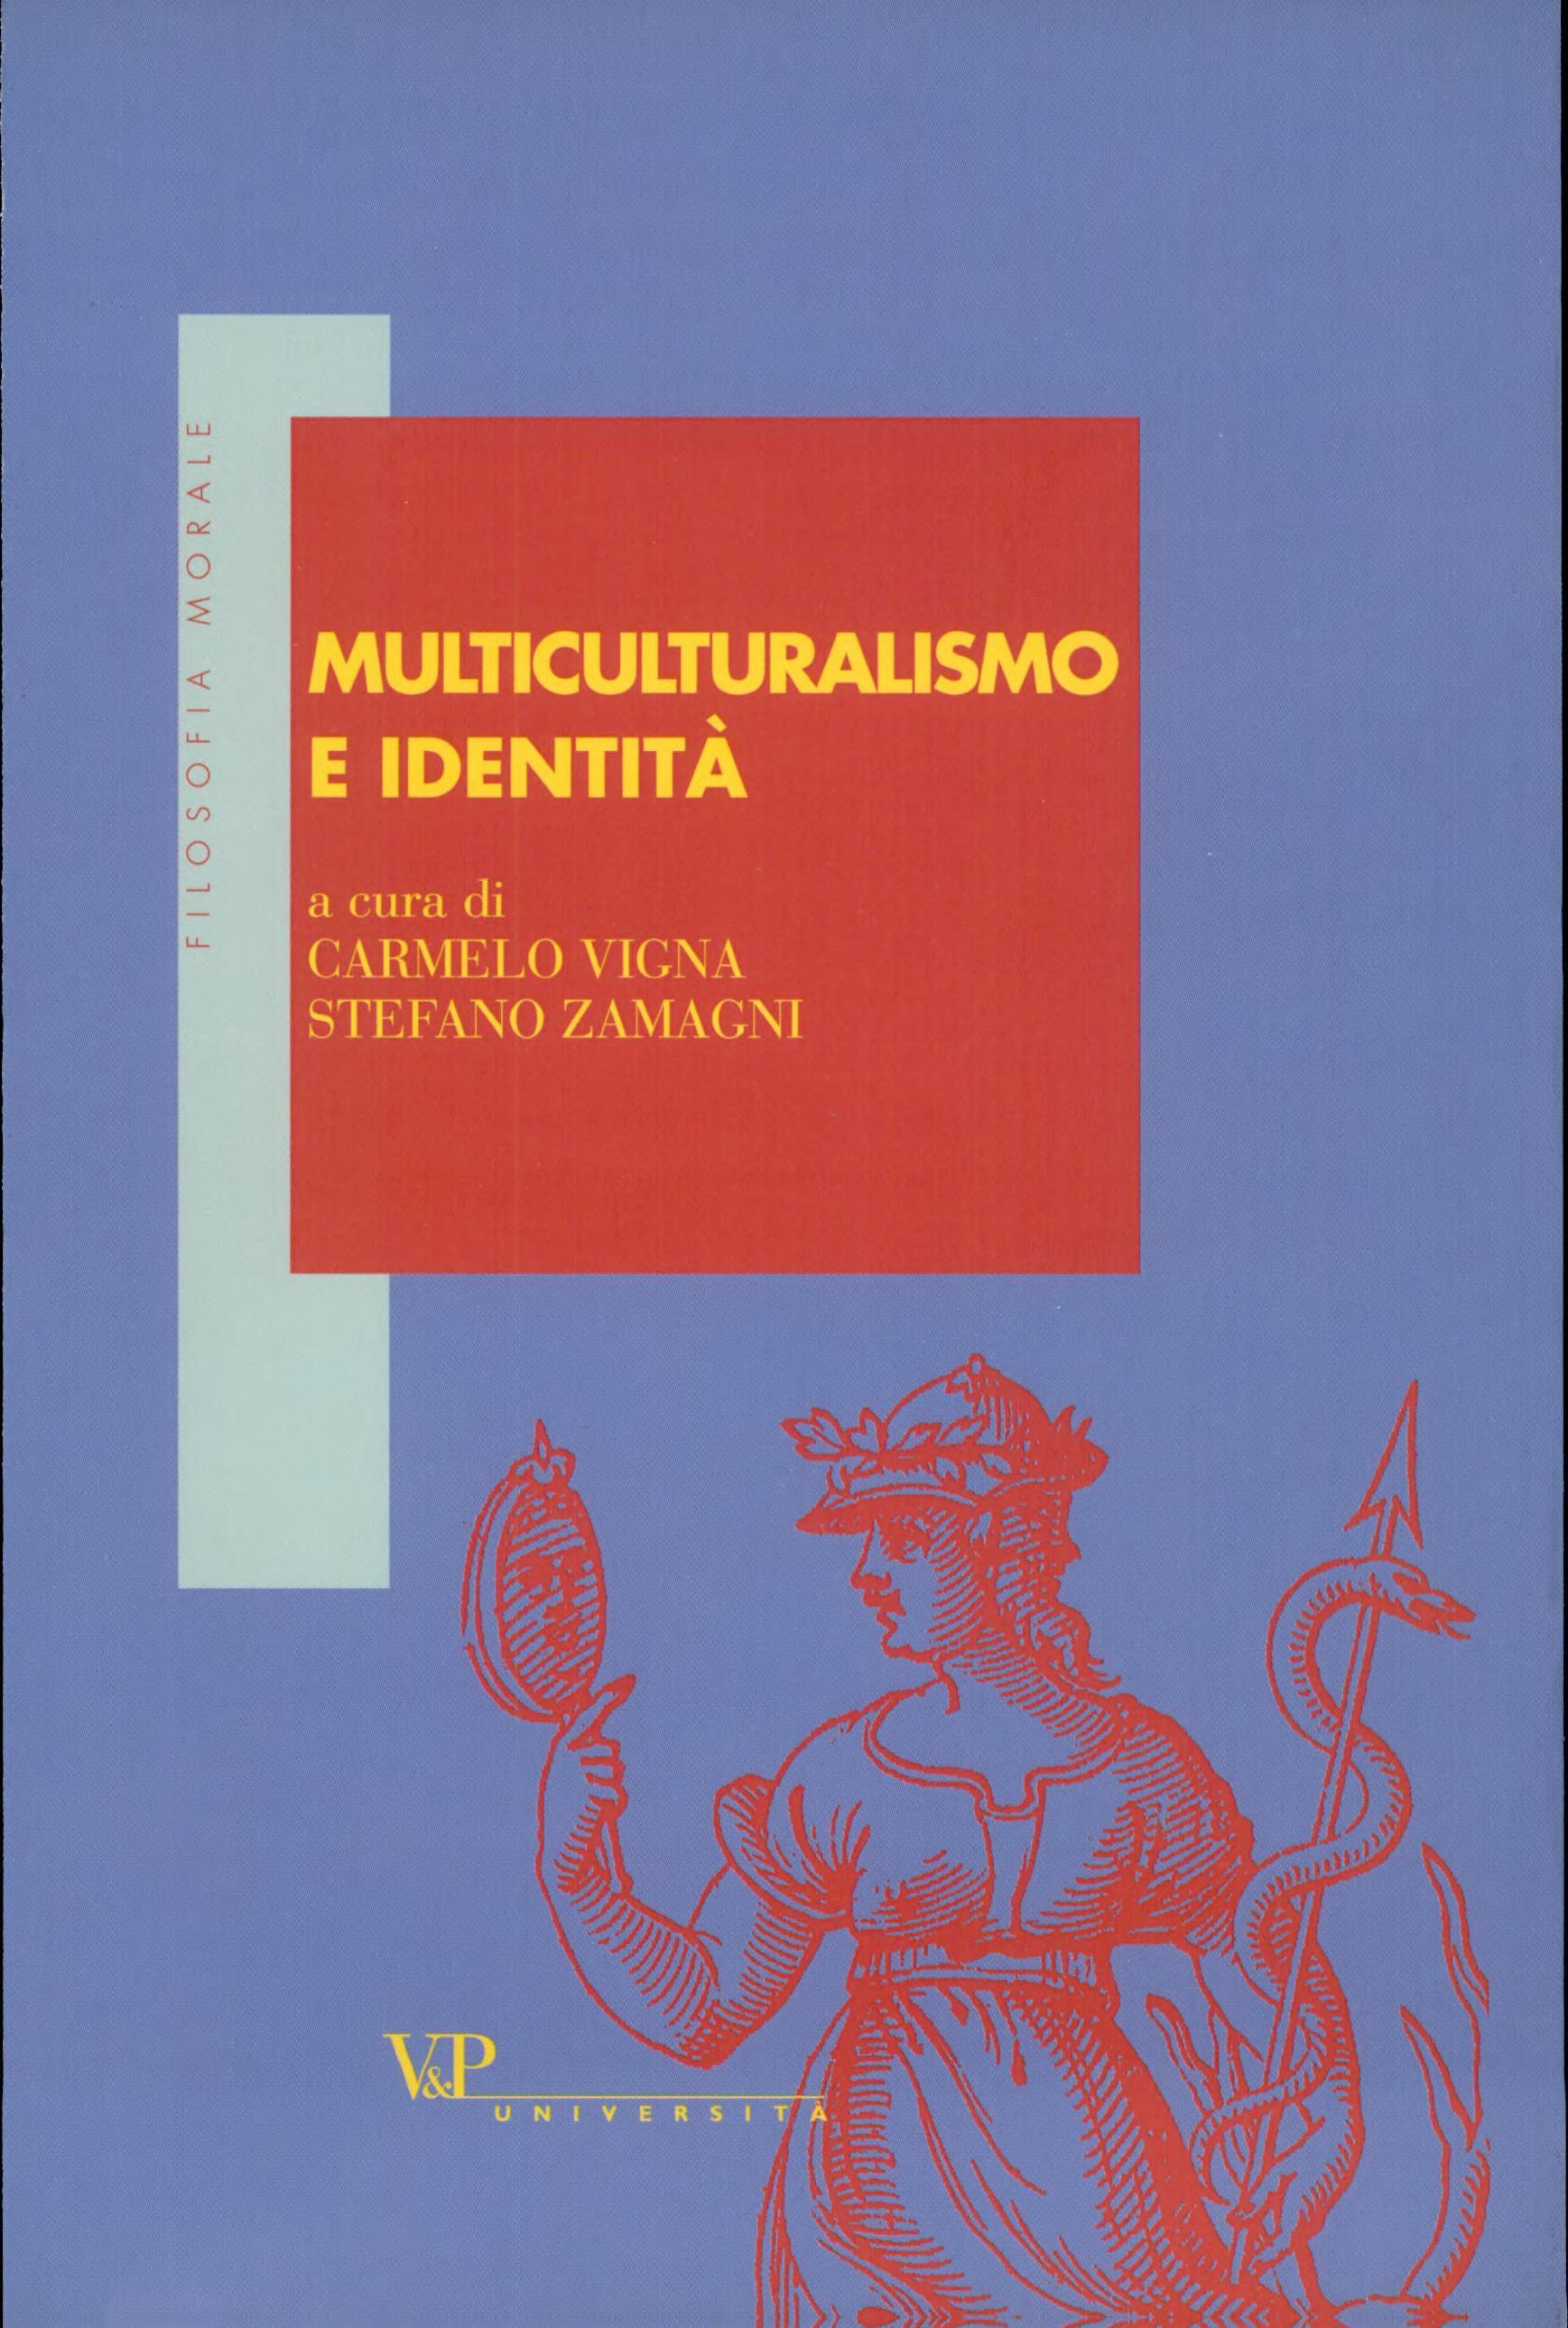 Multiculturalismo e identit